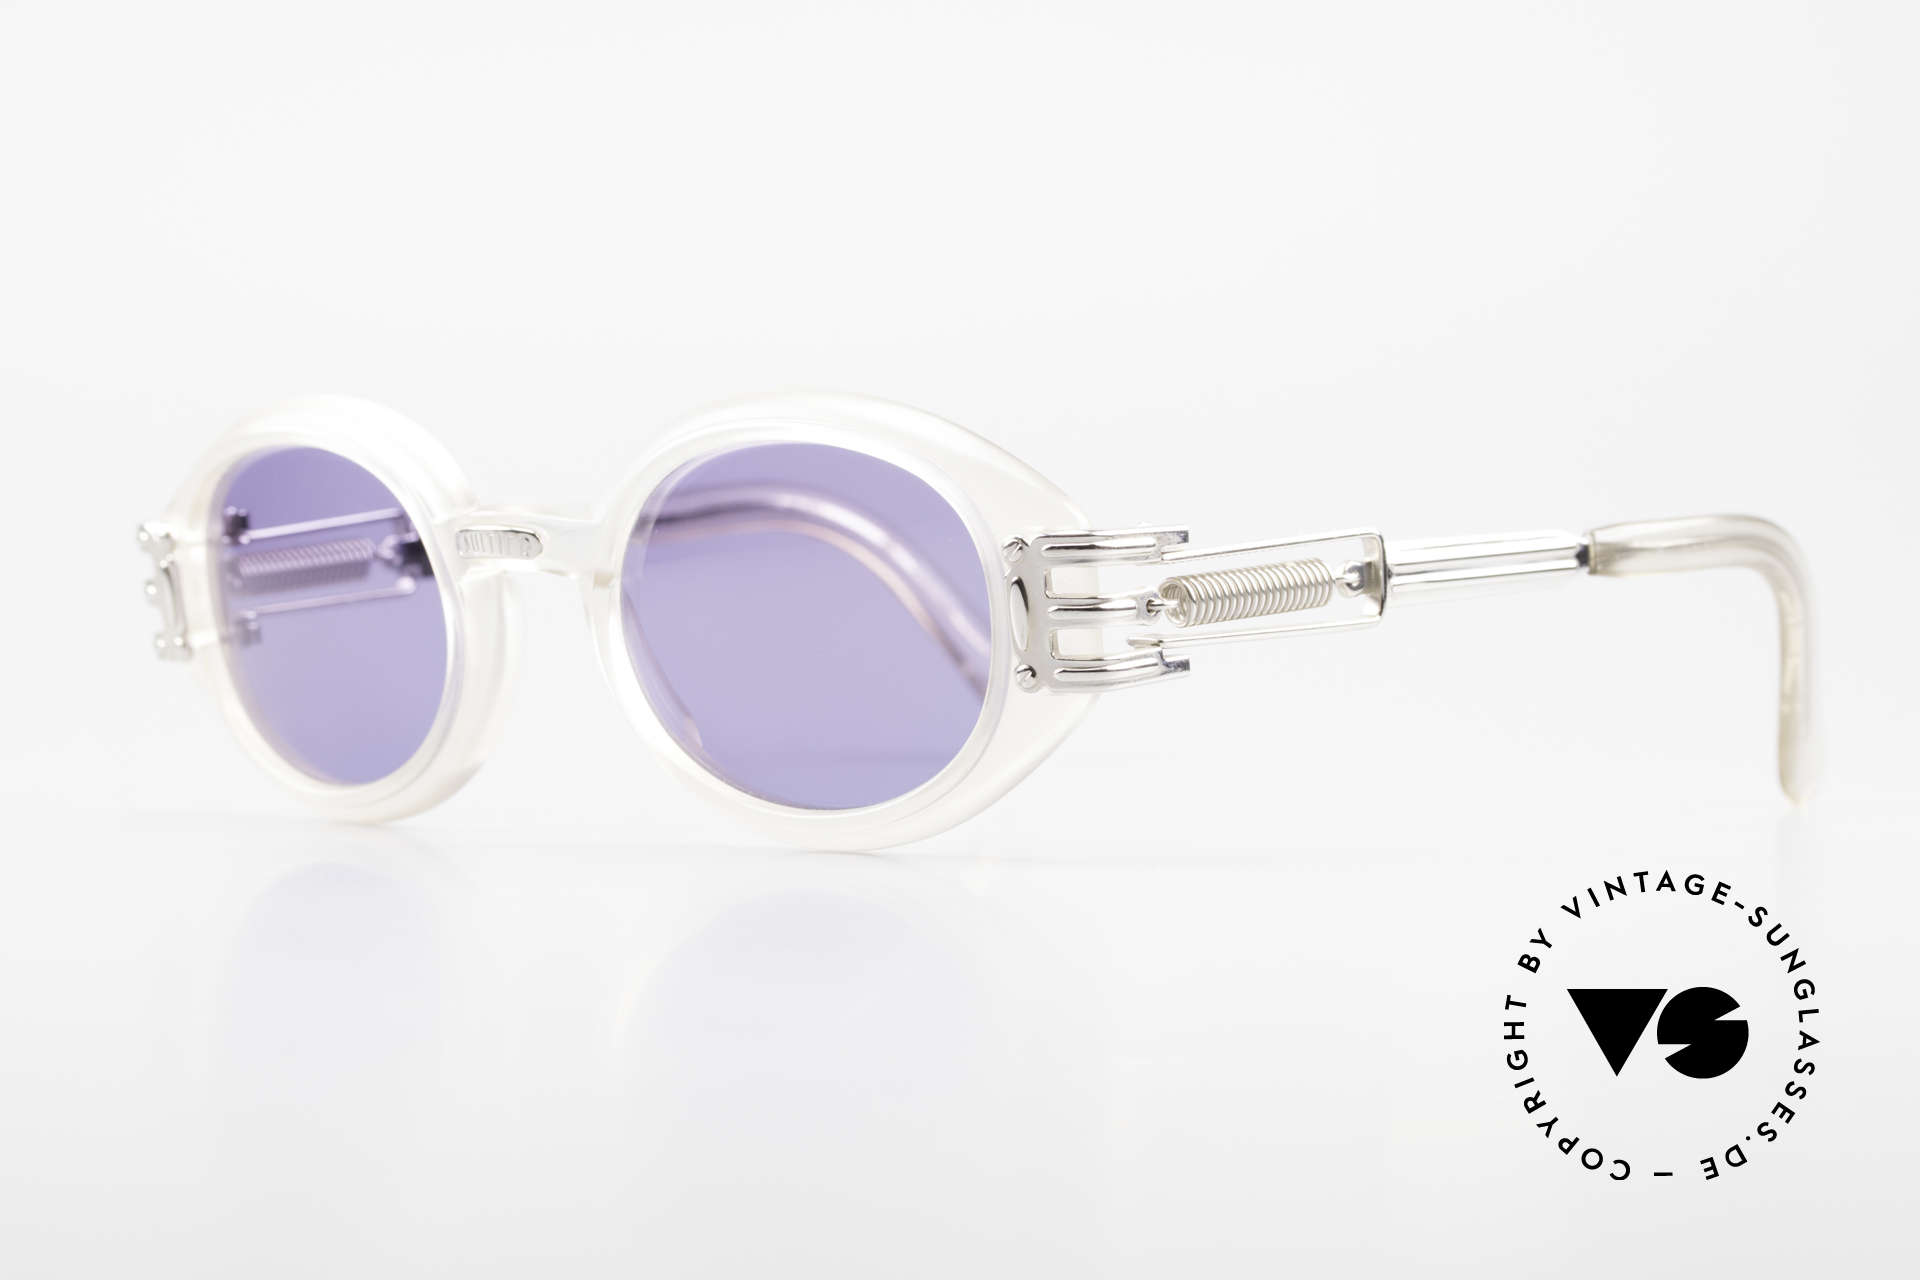 Jean Paul Gaultier 56-5203 Steampunk Designer Brille, industrial Design häufig als 'Steampunk' bezeichnet, Passend für Herren und Damen